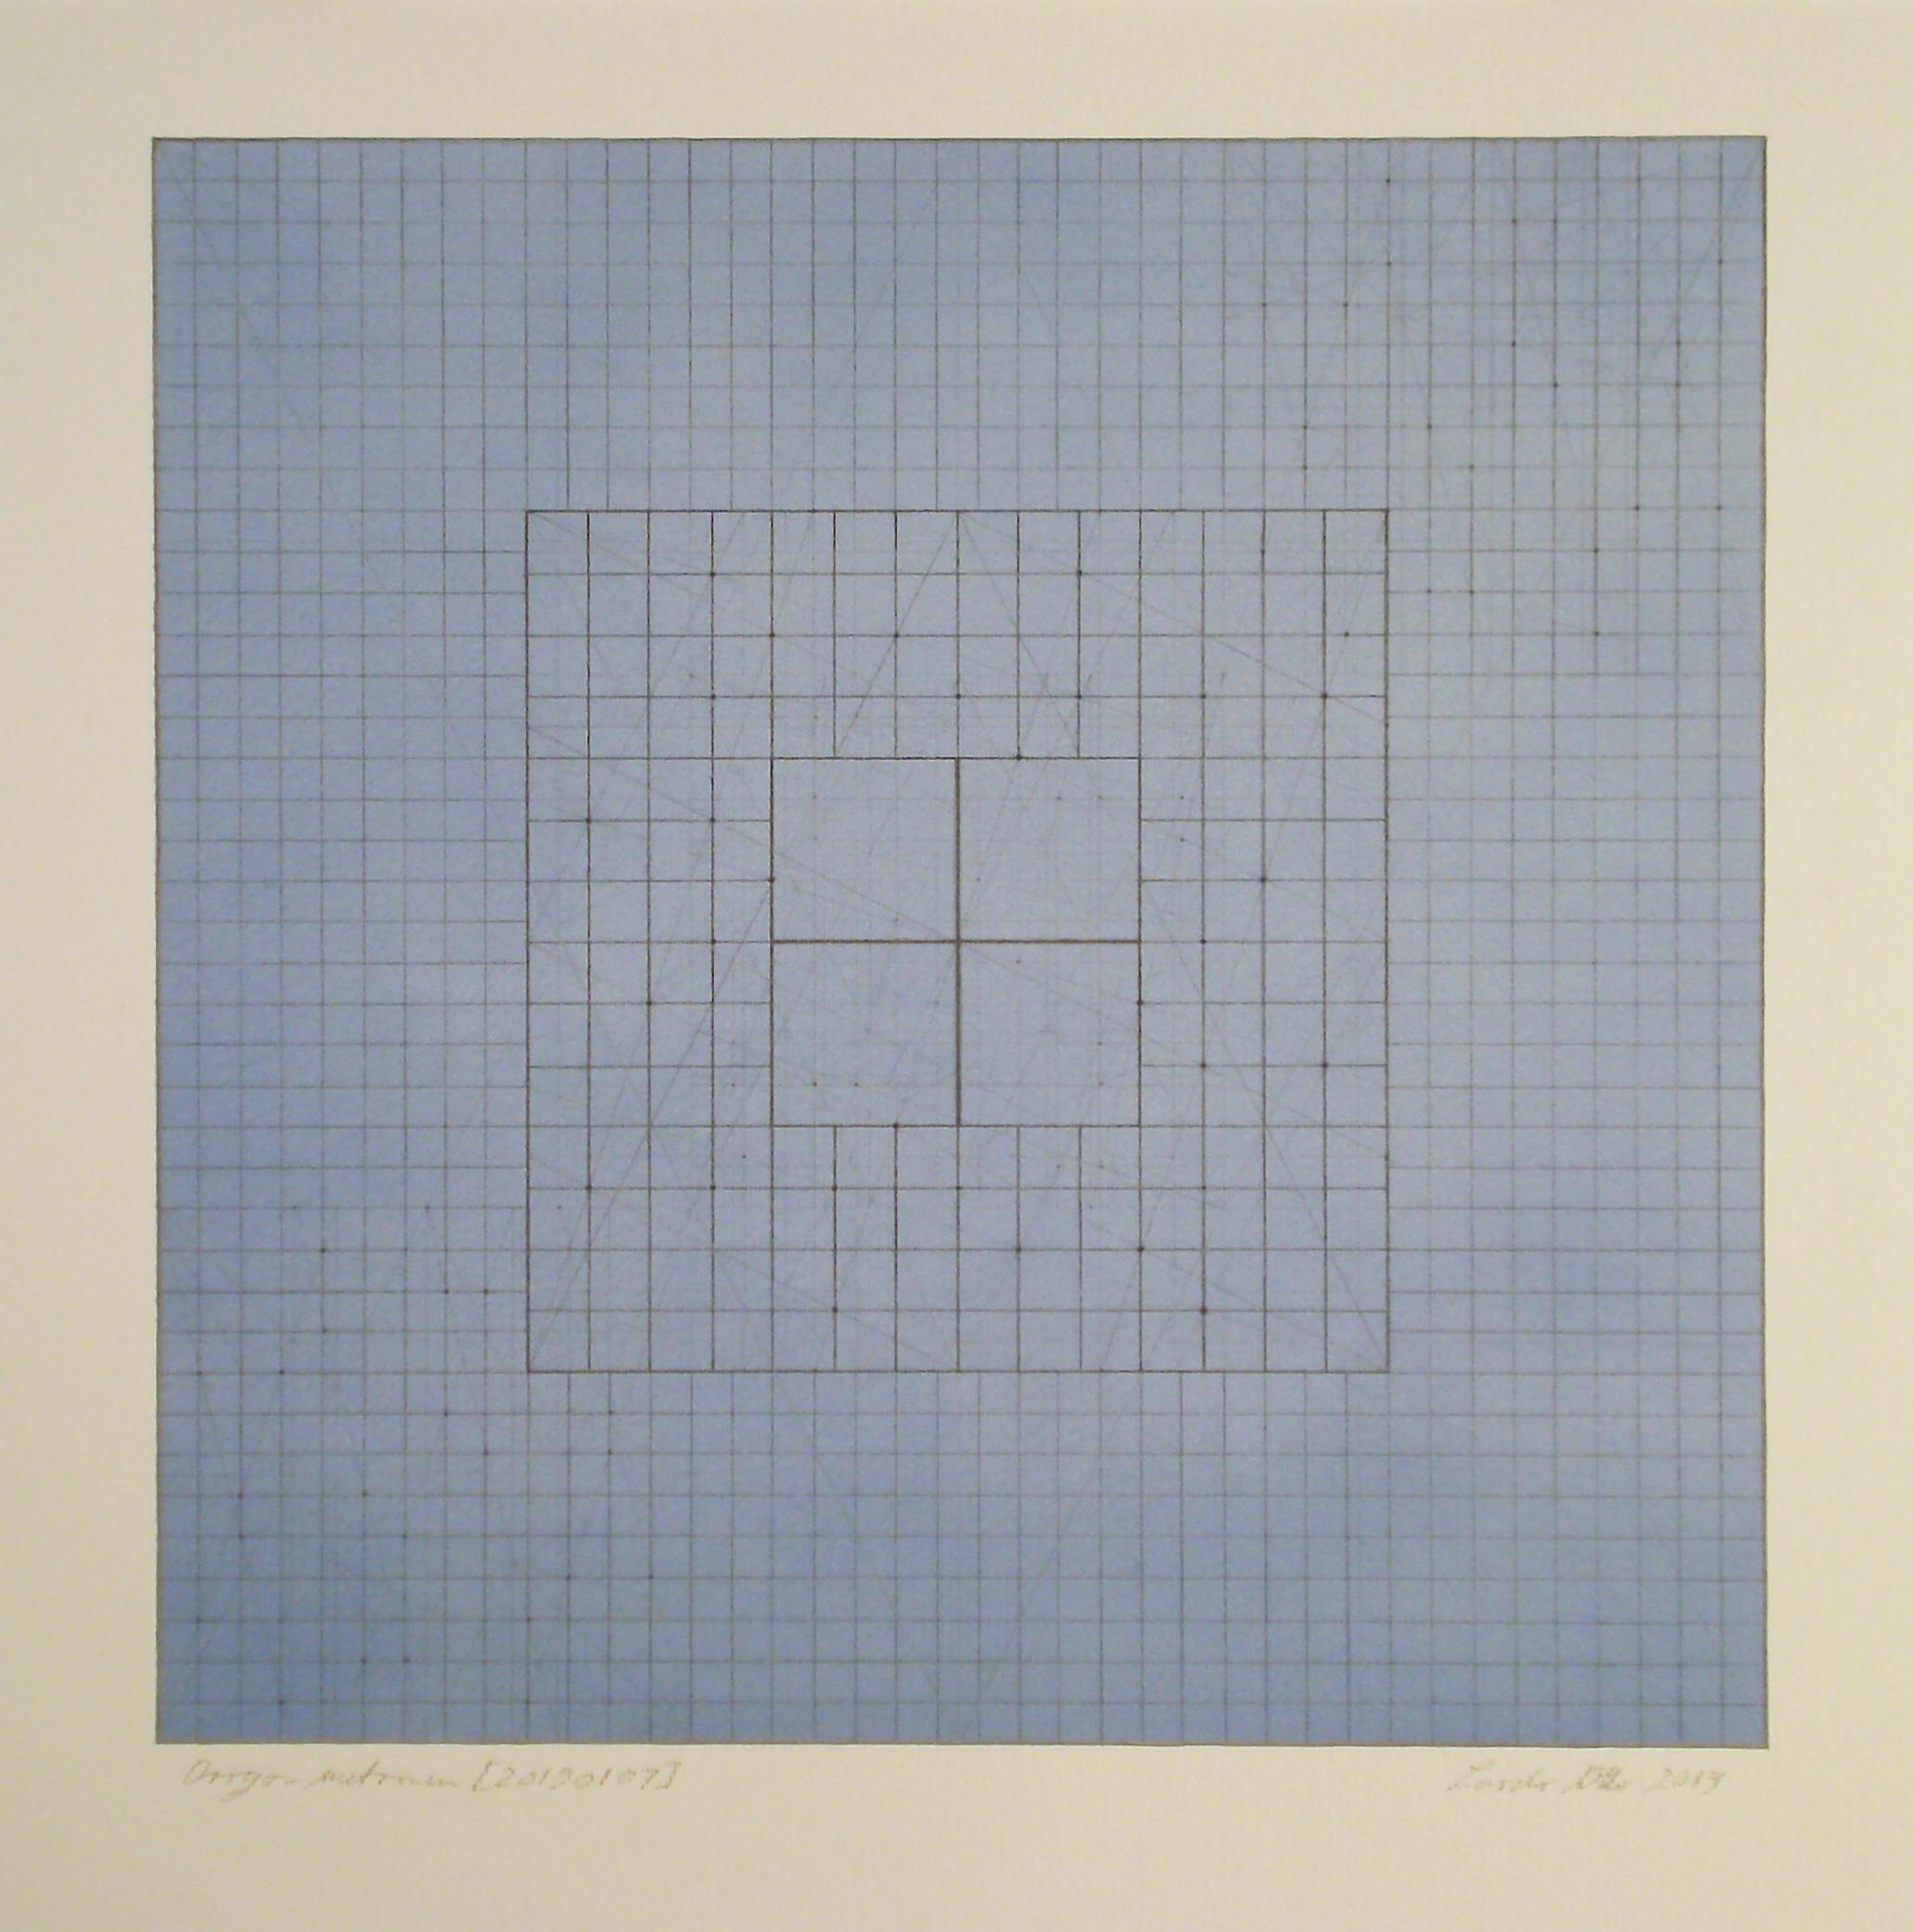 Origo-metrum [20190107], pencil on paper, color pigment, 17 3/4 x 17 3/4 in. [45x45cm]